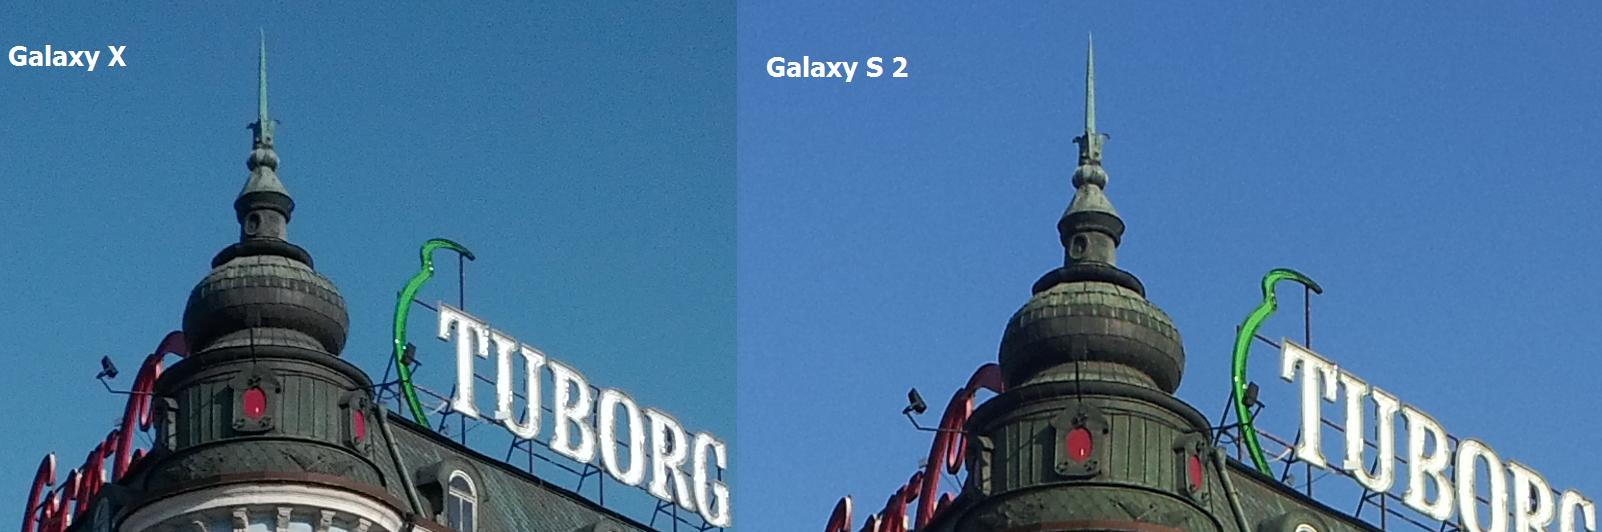 Imagem capturada mais granulada no Galaxy X e mais suave no S2 (Foto: Reprodução)